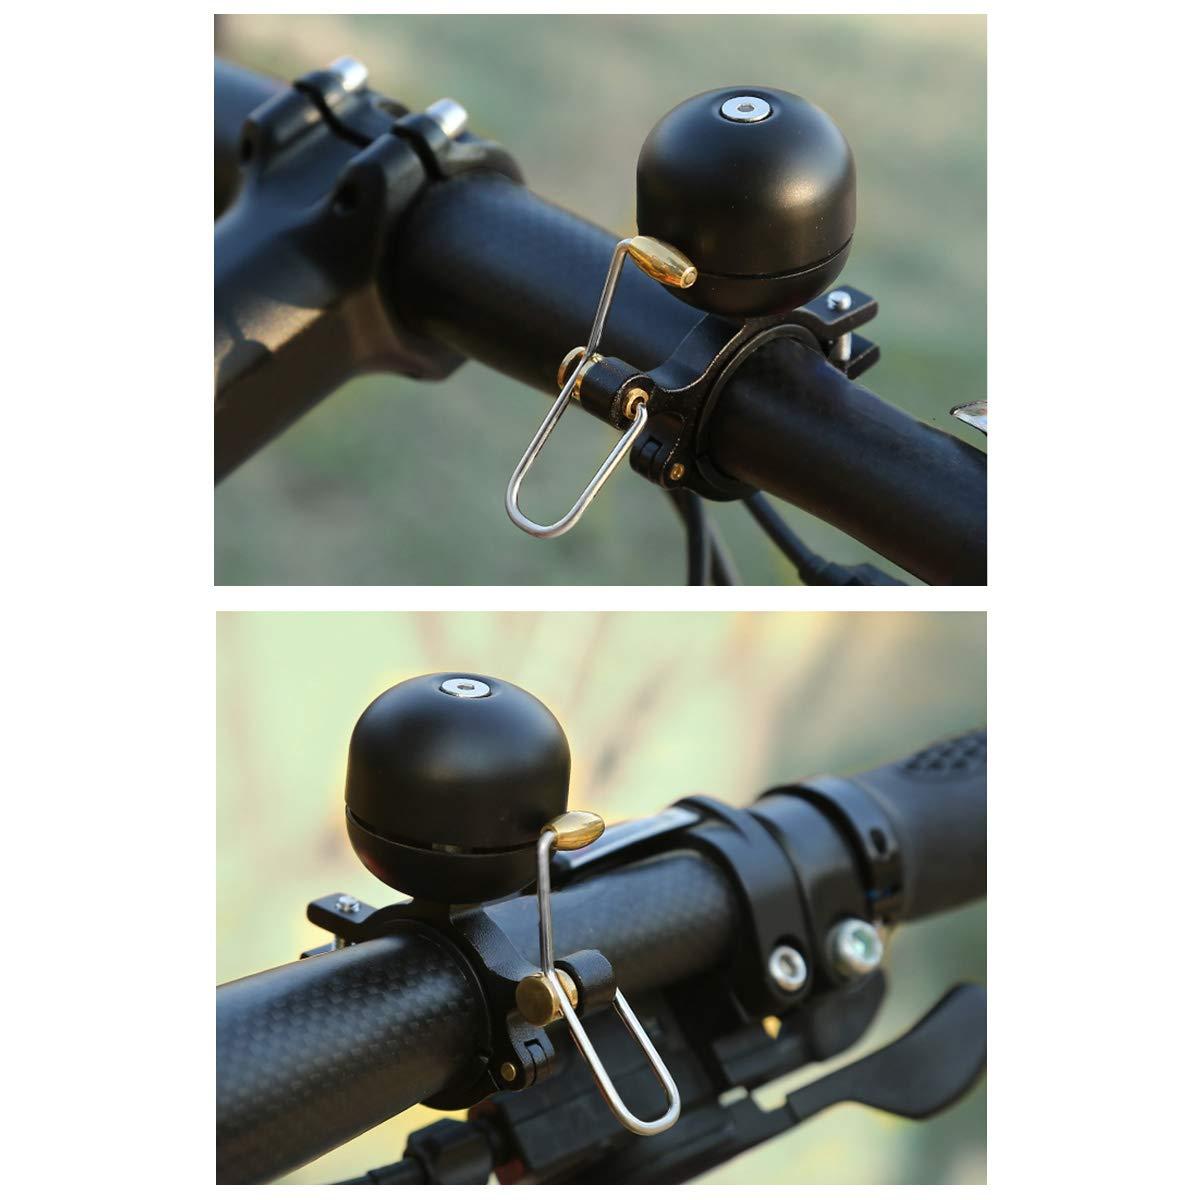 Campana para bicicleta ligera y retro Campana para bicicleta con destornillador para manillar de 22 a 30 mm Campana para bicicleta con anillo de aleaci/ón de aluminio Campana para bicicleta